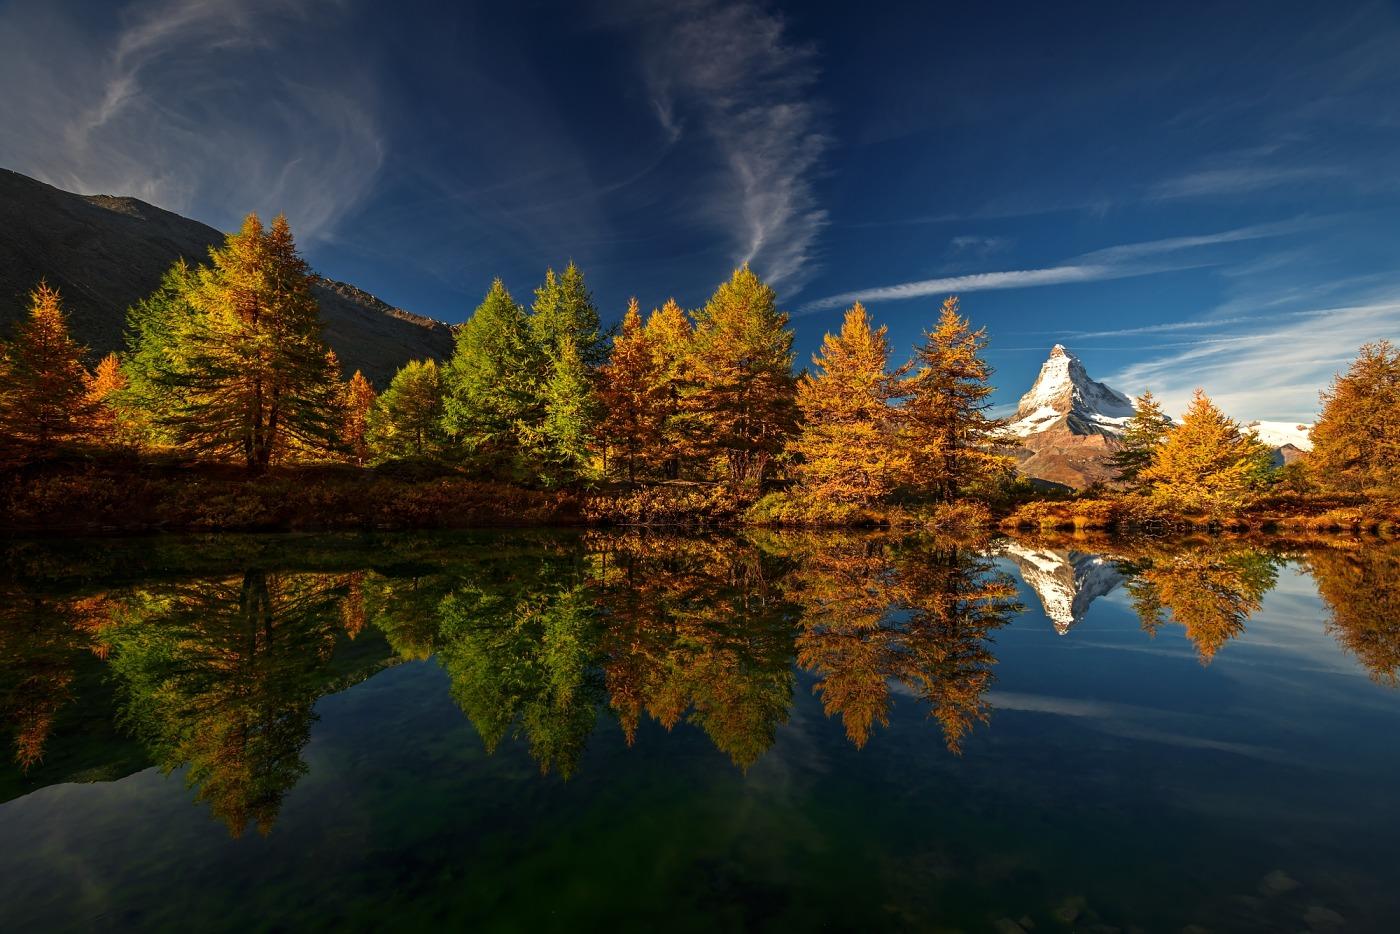 Matterhorn, Walliské Alpy, Švýcarsko. D600, Nikon 17-35mm f/2,8 AF-S, clona f/11, čas 1/60, ohnisko 17 mm, polarizační filtr VFFOTO PS US 77mm